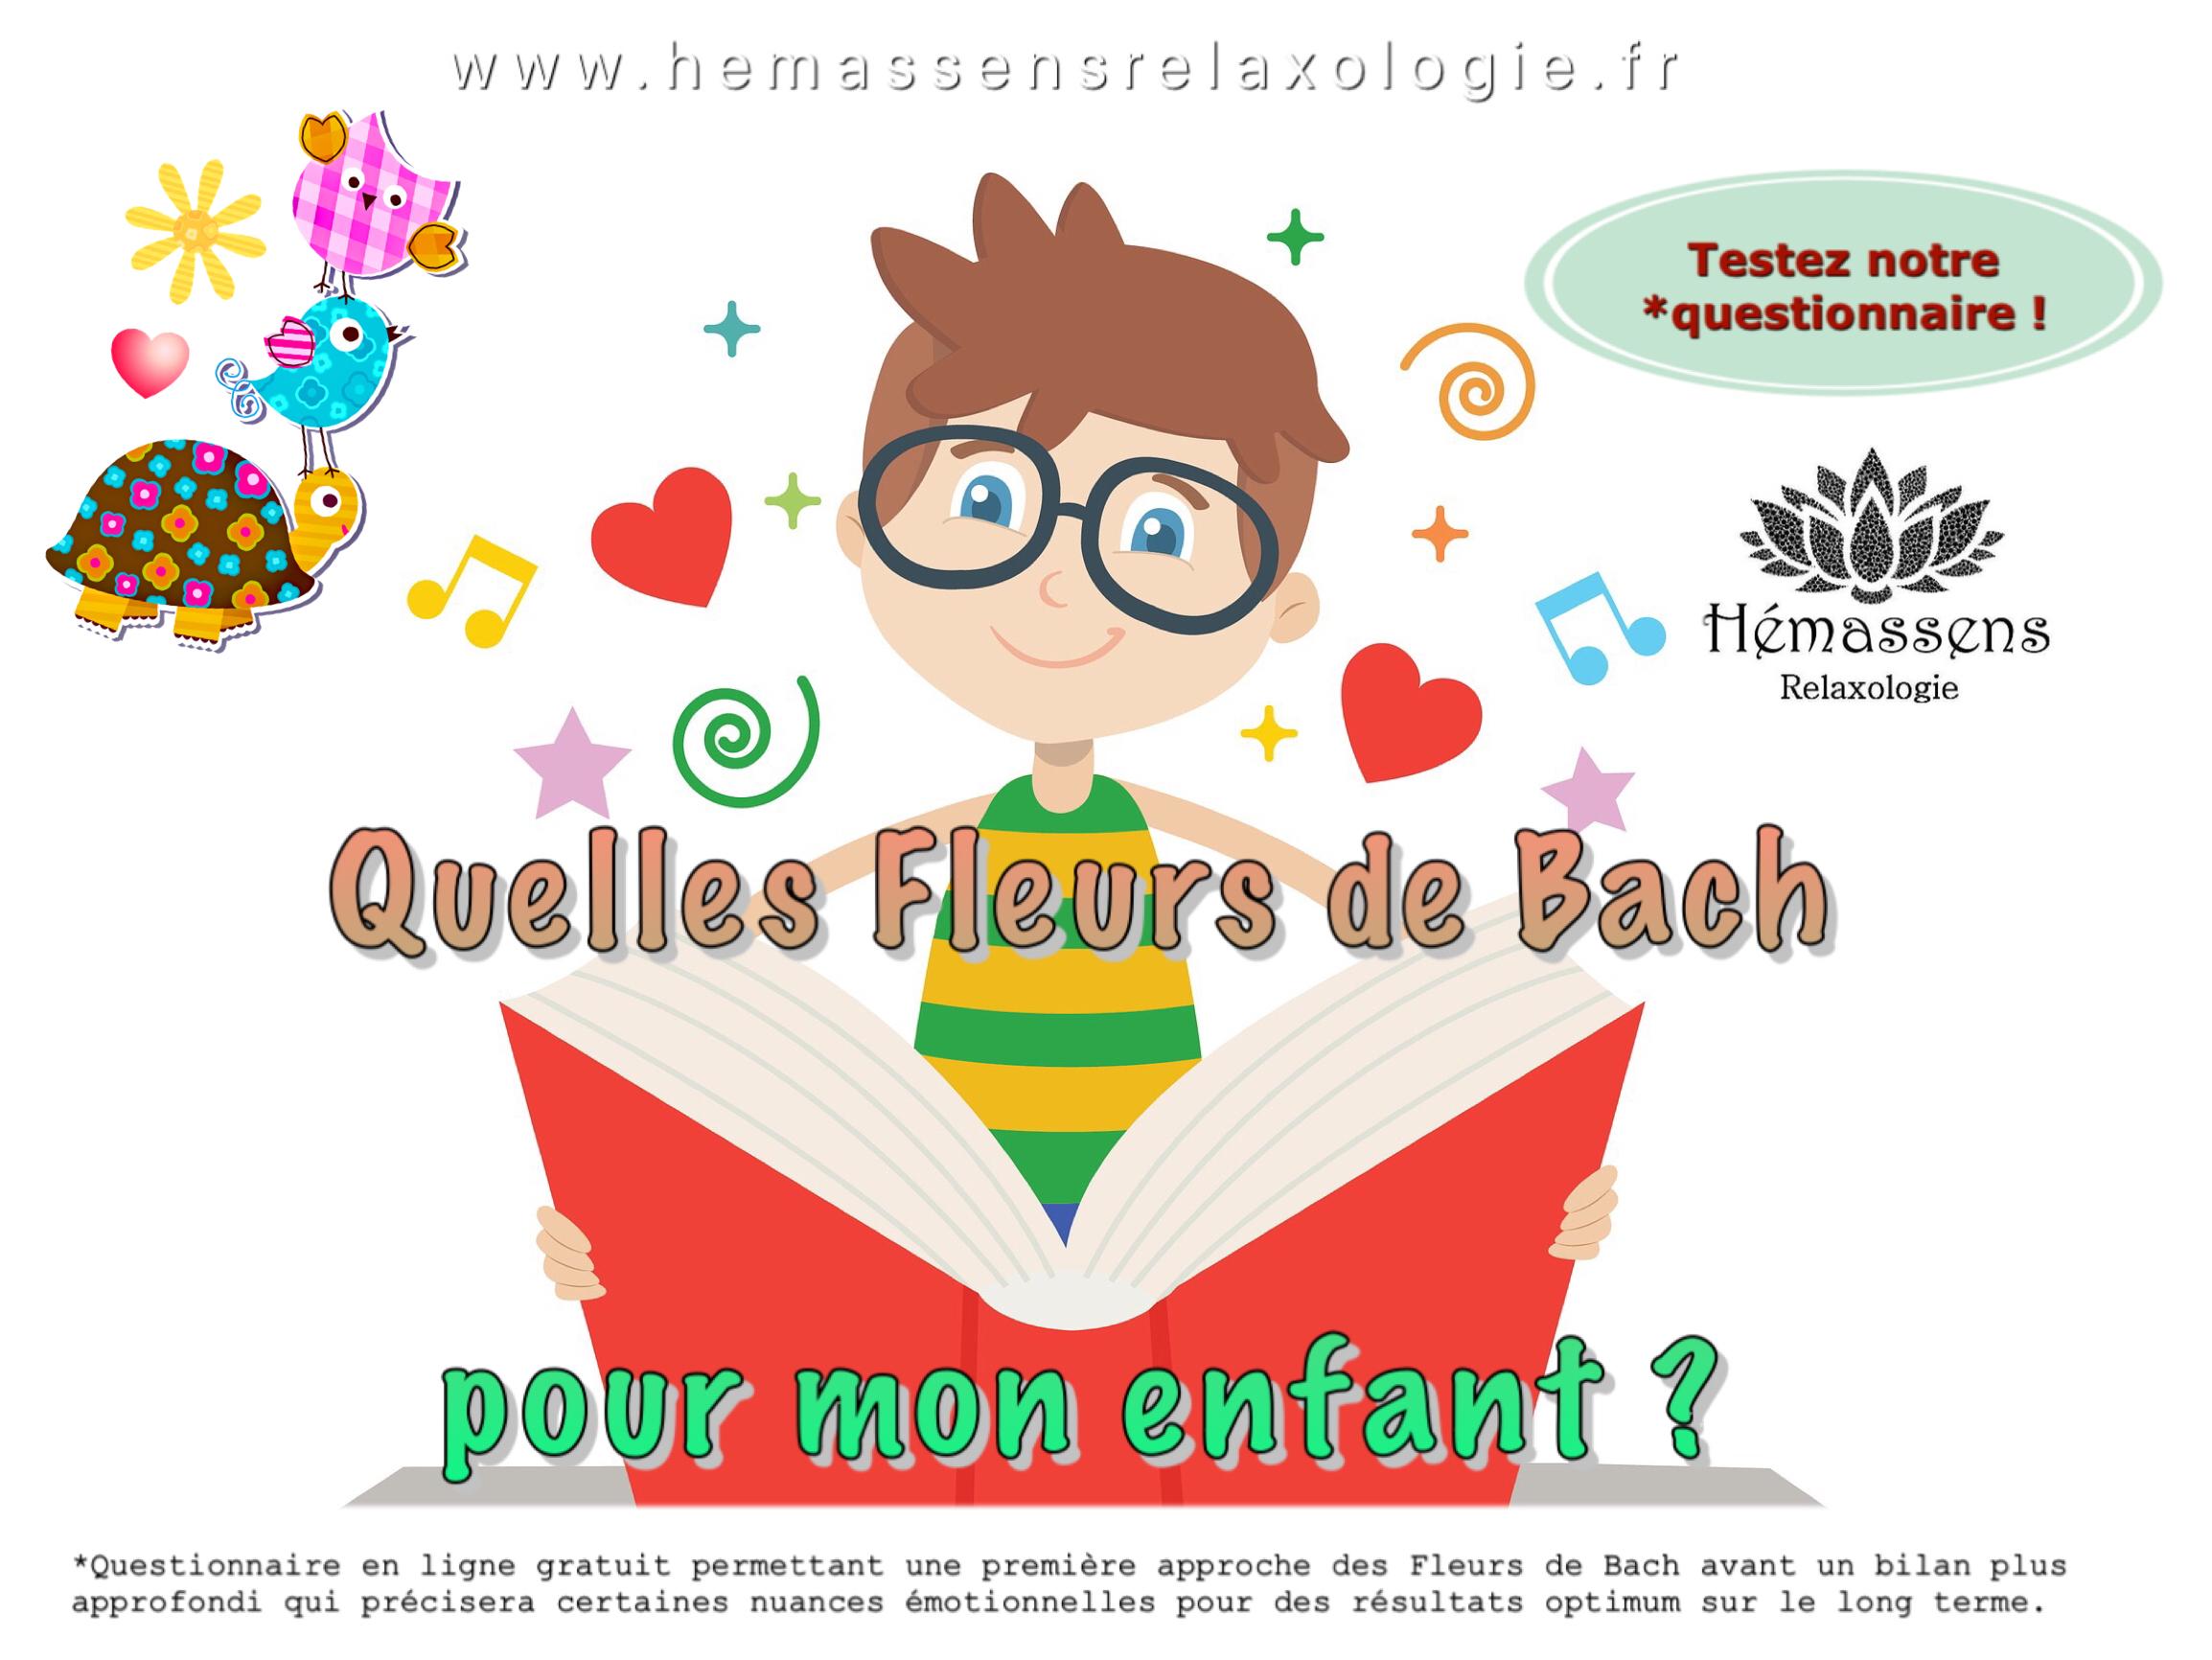 La confiance en soi et les Fleurs de Bach